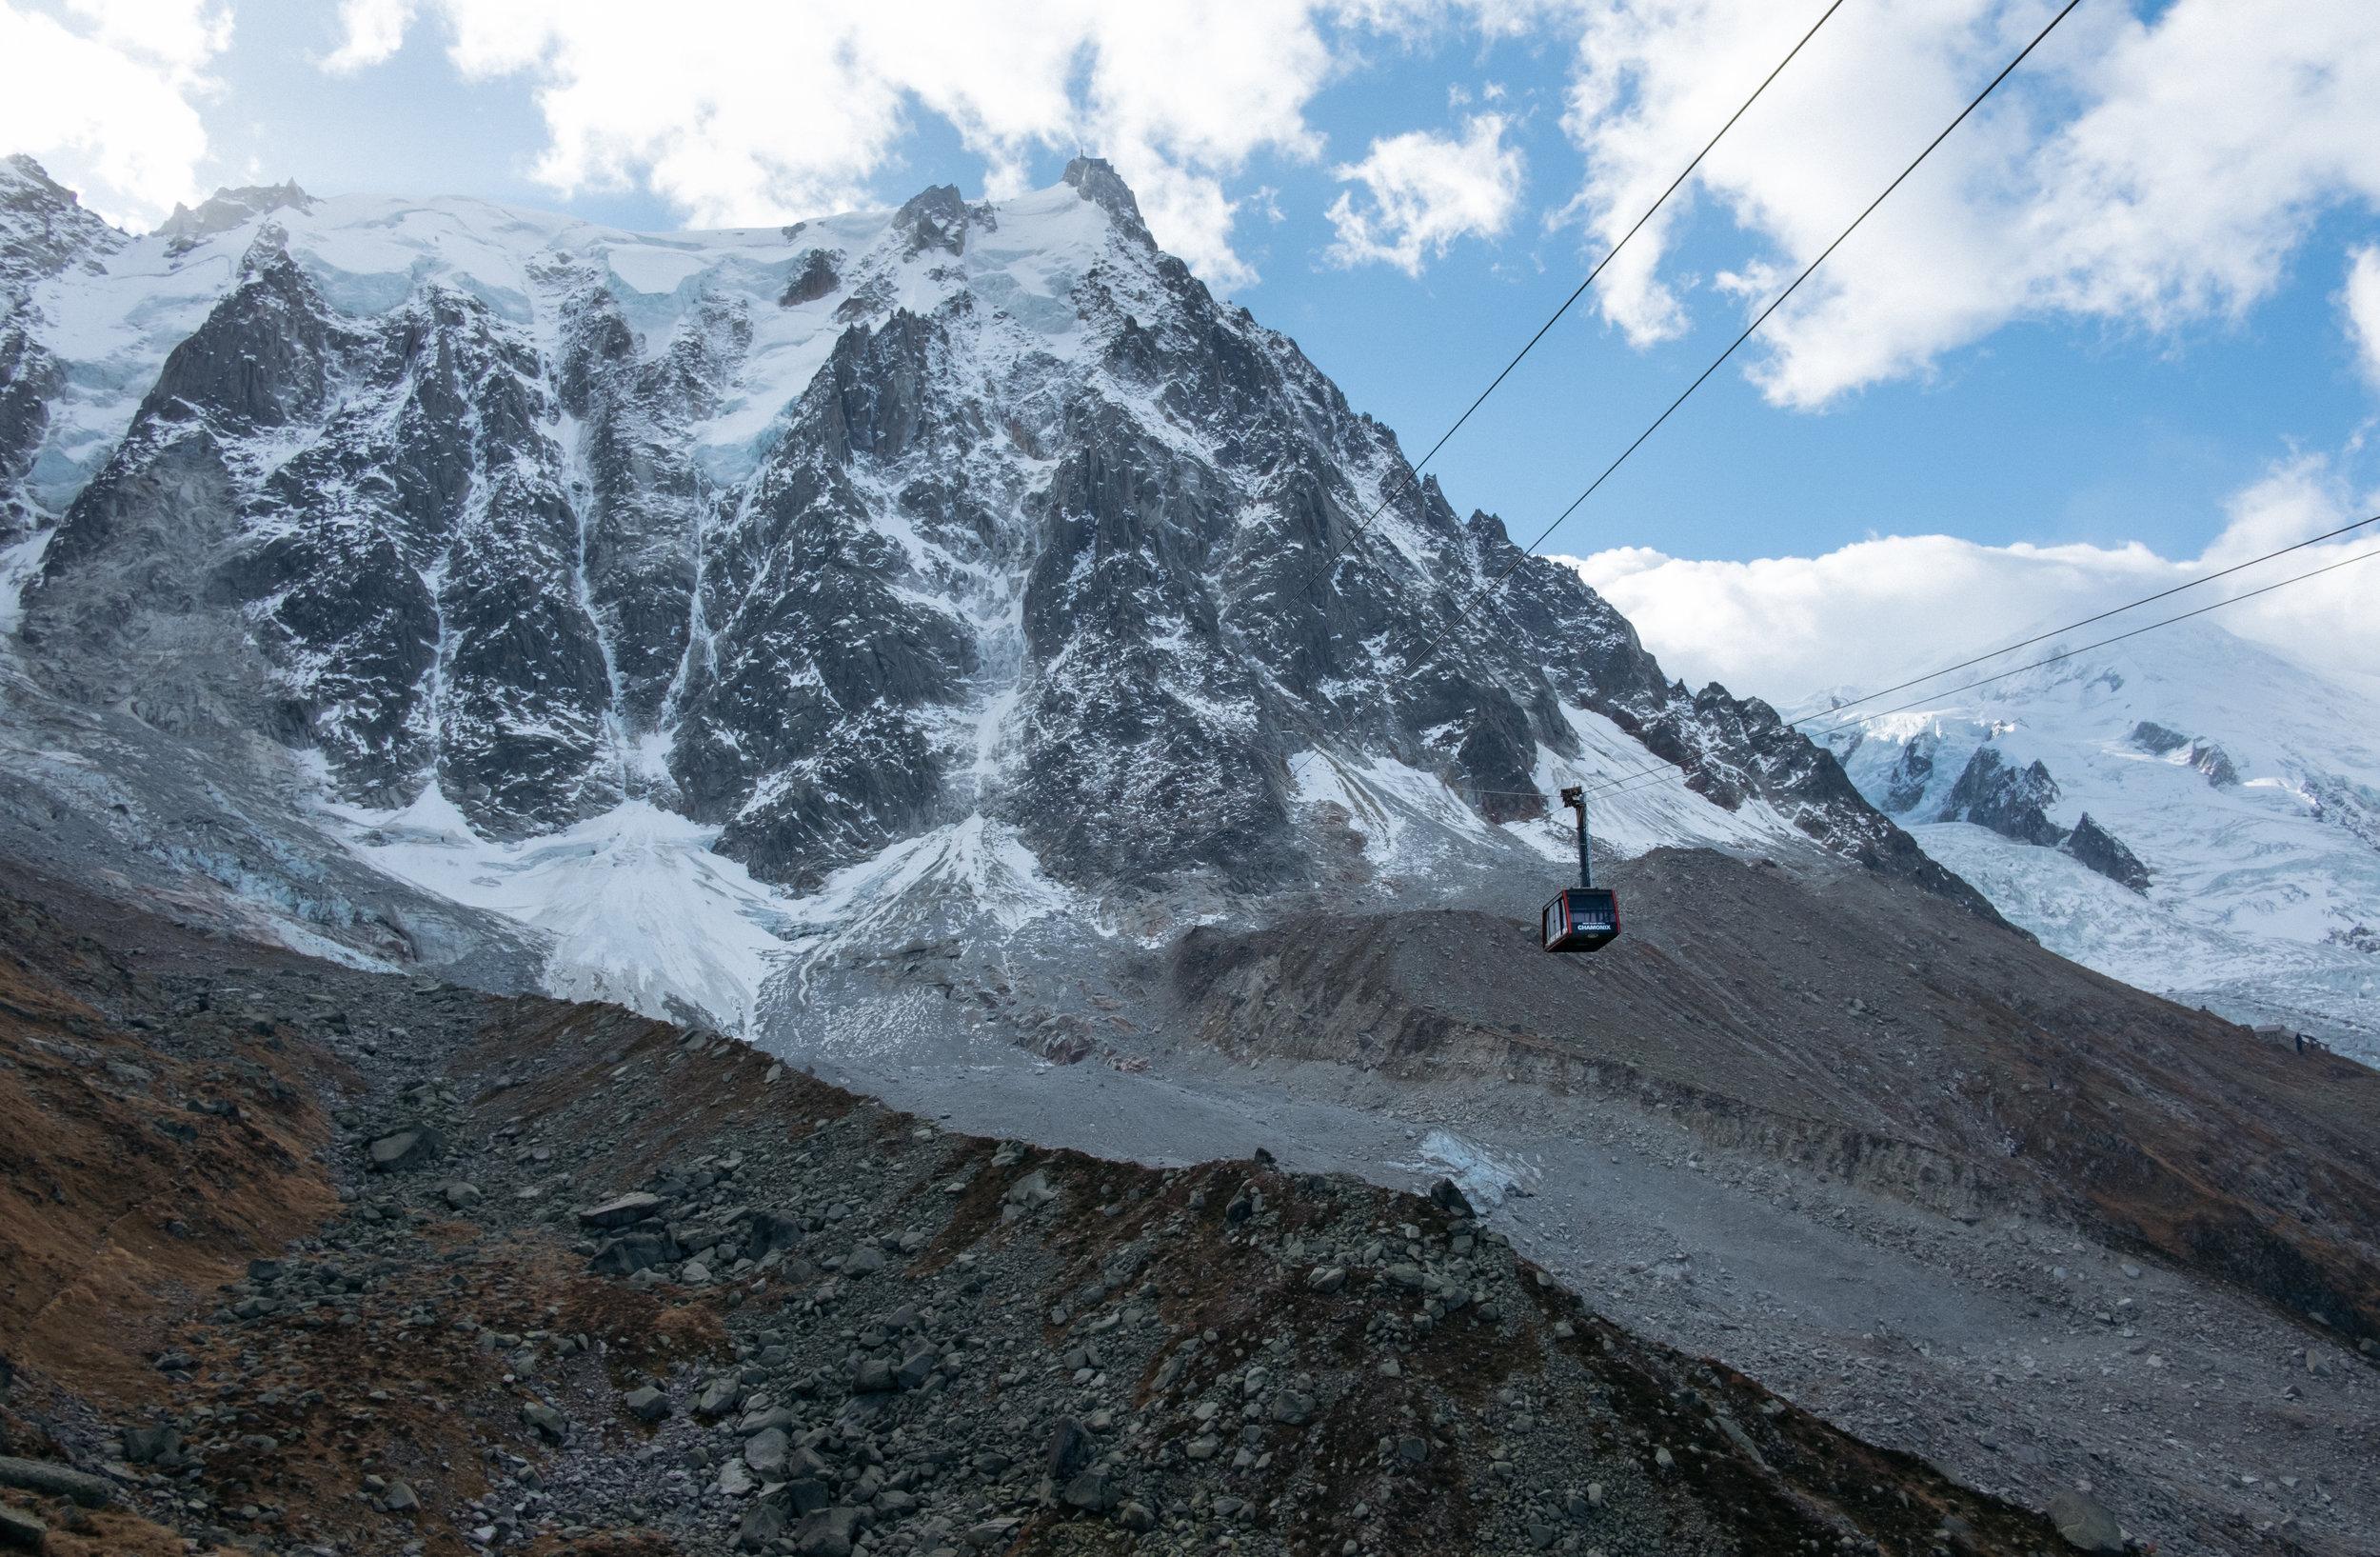 l'aiguille du midi cable car and Mont Blanc massif